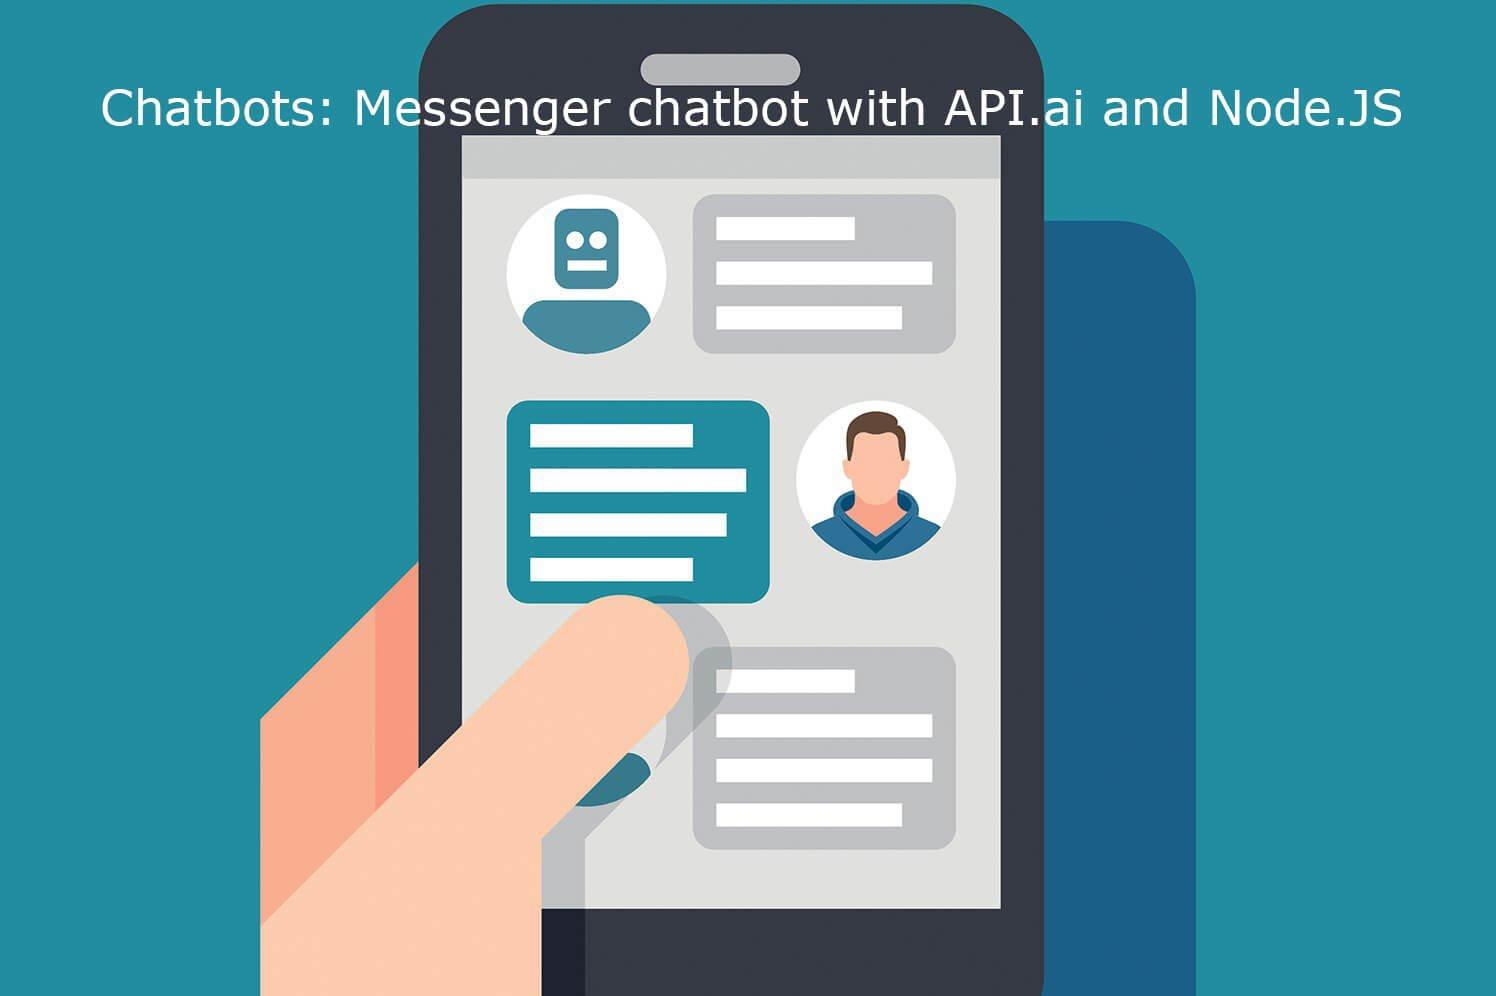 Чатбот в Messenger с помощью API.ai и Node.JS